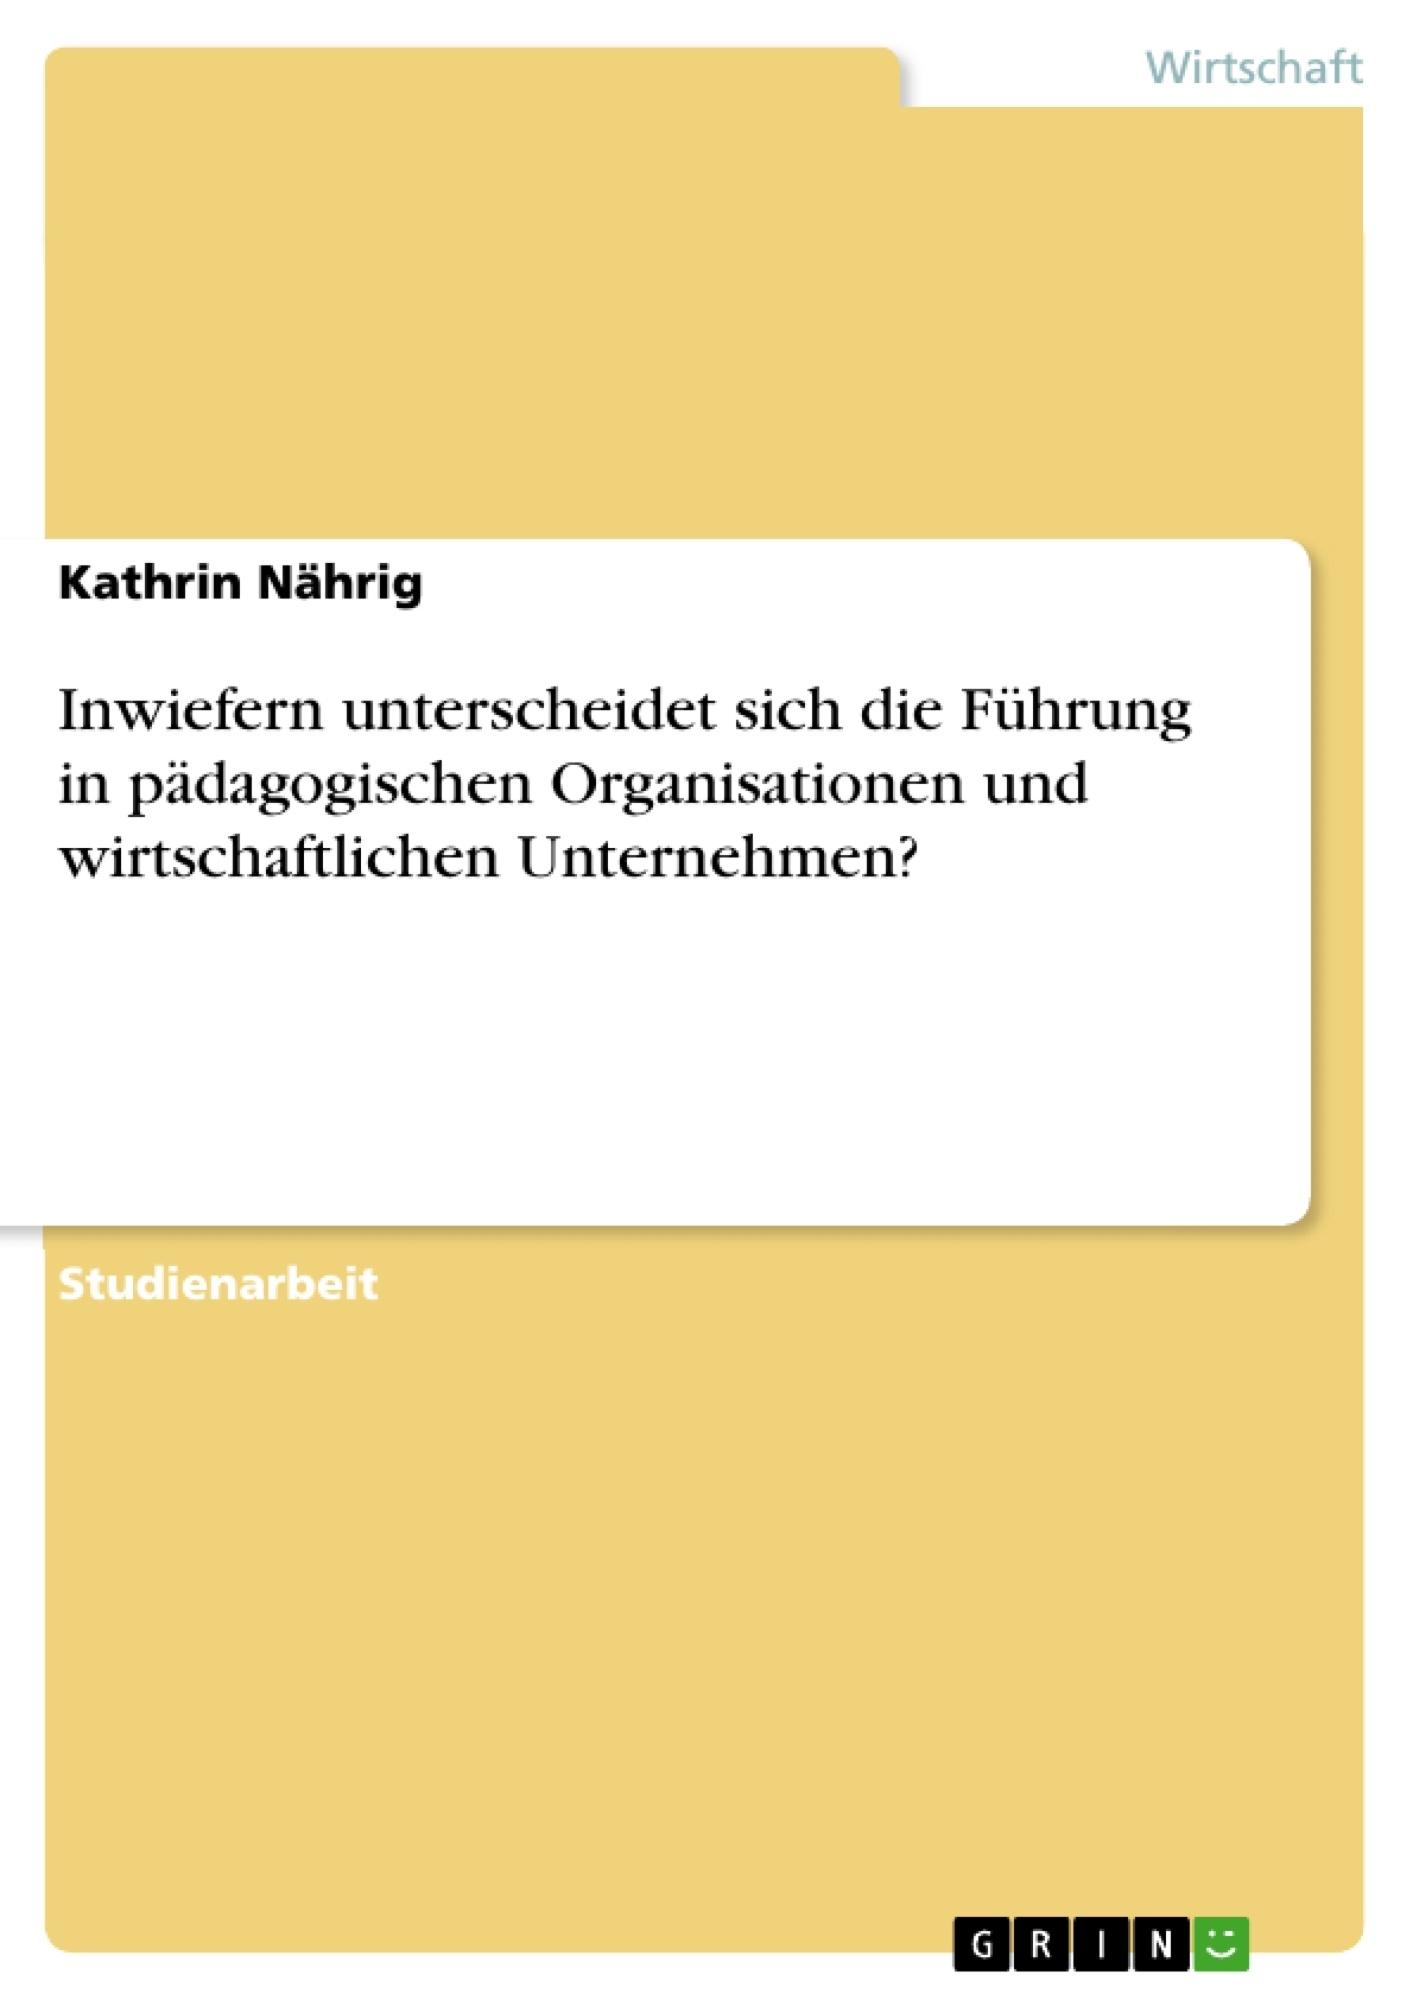 Titel: Inwiefern unterscheidet sich die Führung in pädagogischen Organisationen und wirtschaftlichen Unternehmen?